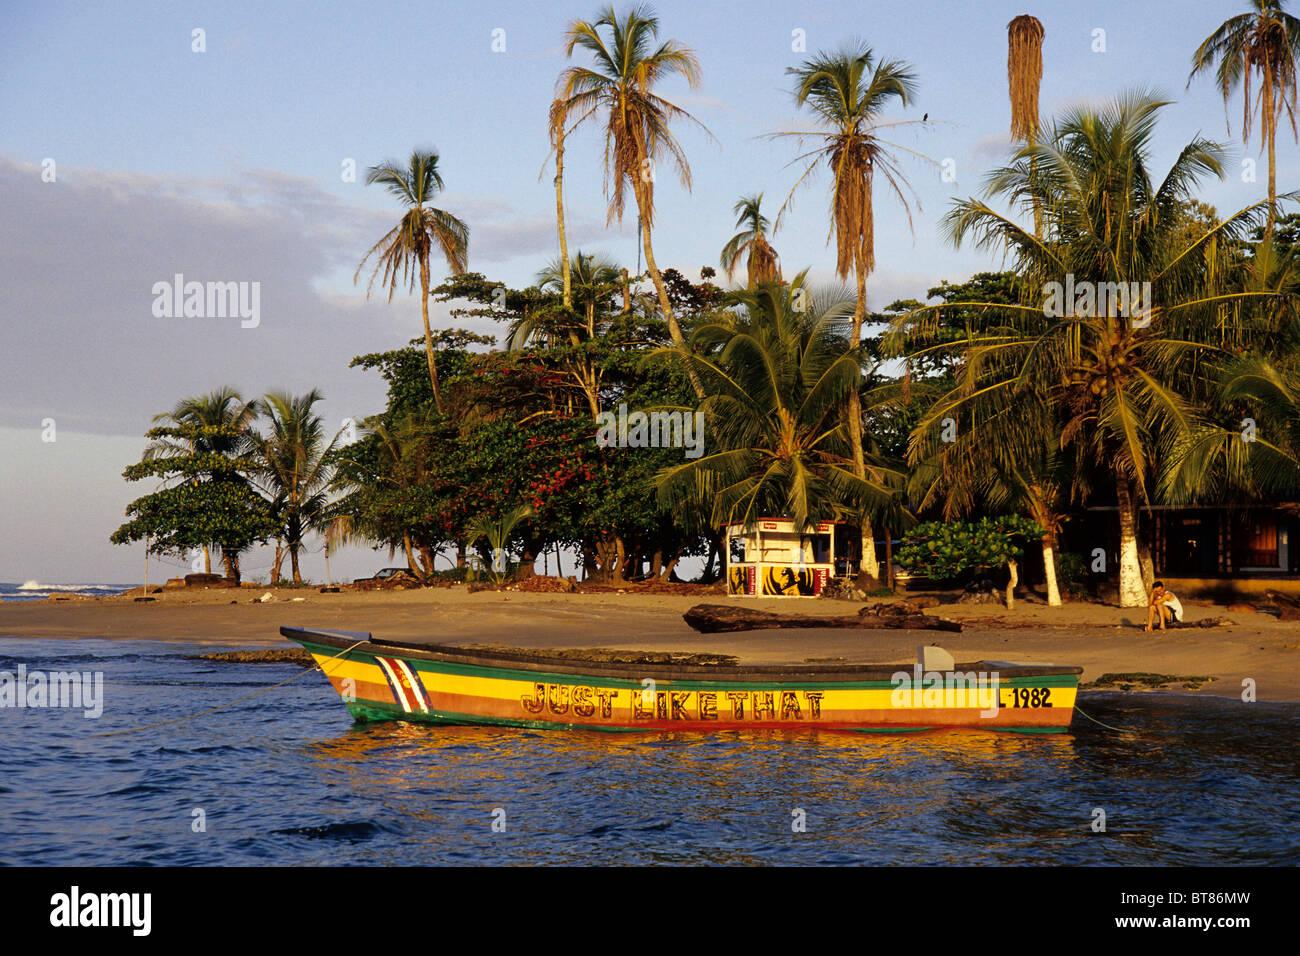 Petit bateau peint en couleurs reggae sur une plage tropicale avec palmiers, Puerto Viejo de Talamanca sur la côte Photo Stock